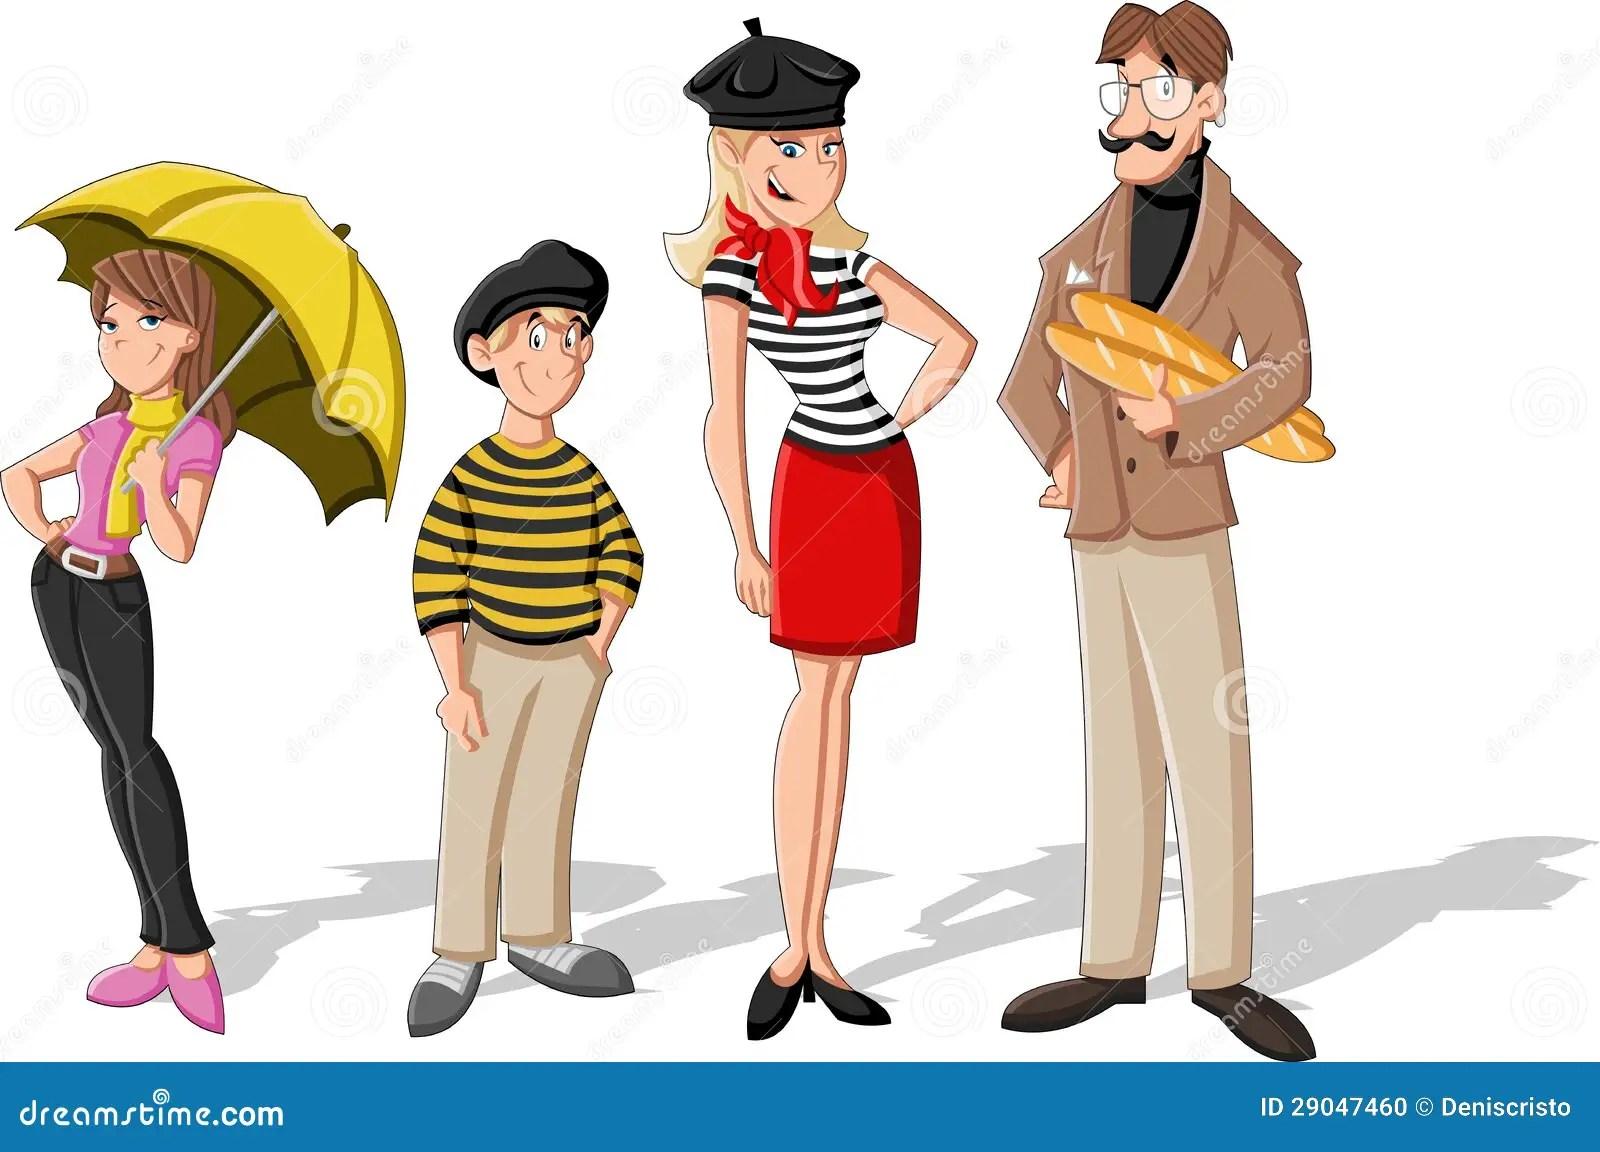 Fashion French Cartoon Family Stock Photo